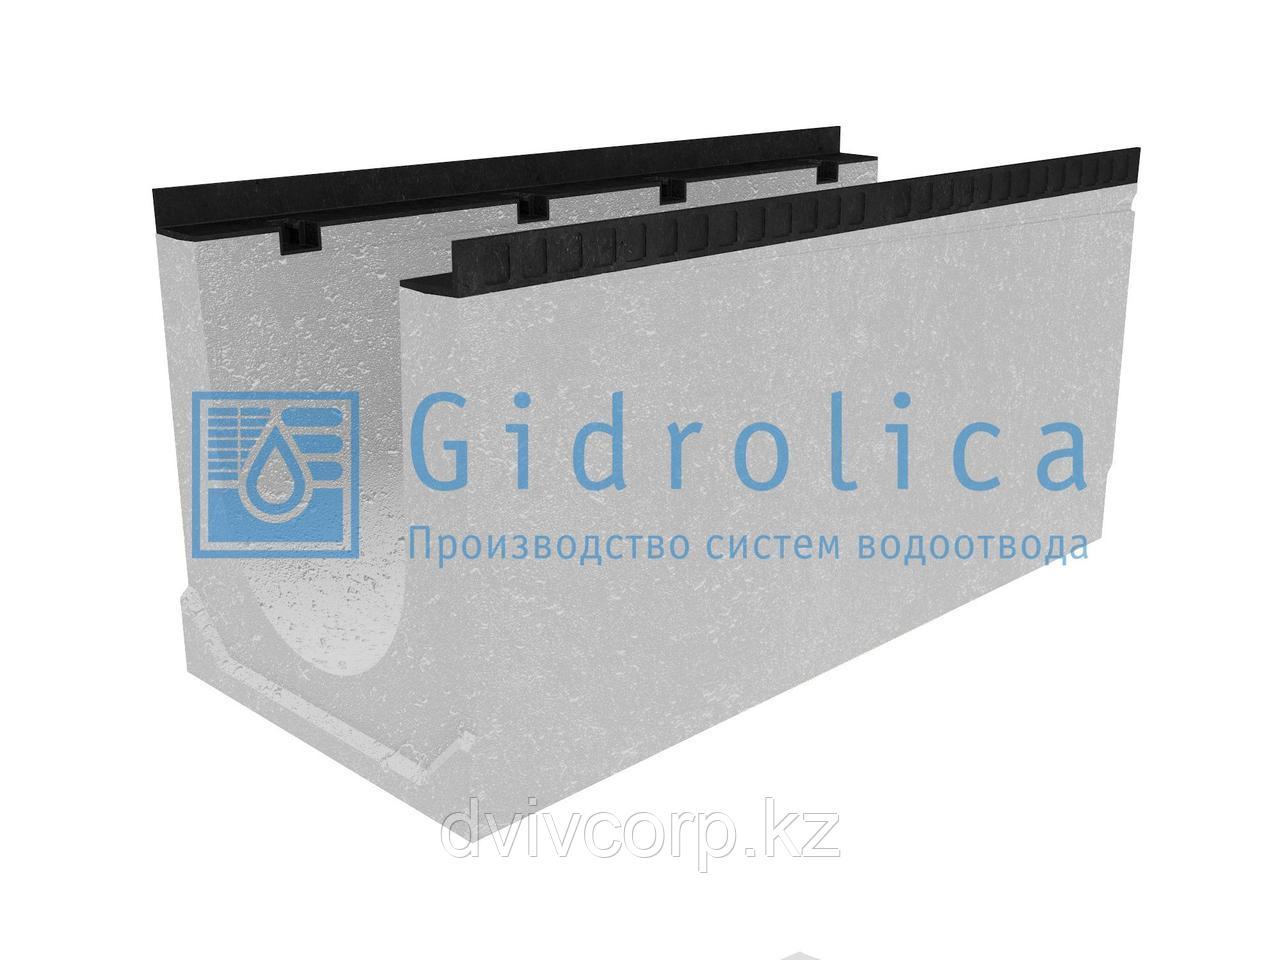 Лоток водоотводный бетонный коробчатый (СО-300мм), с уклоном 0,5%  КUу 100.44(30).48,5(41,5) - BGМ, № 7